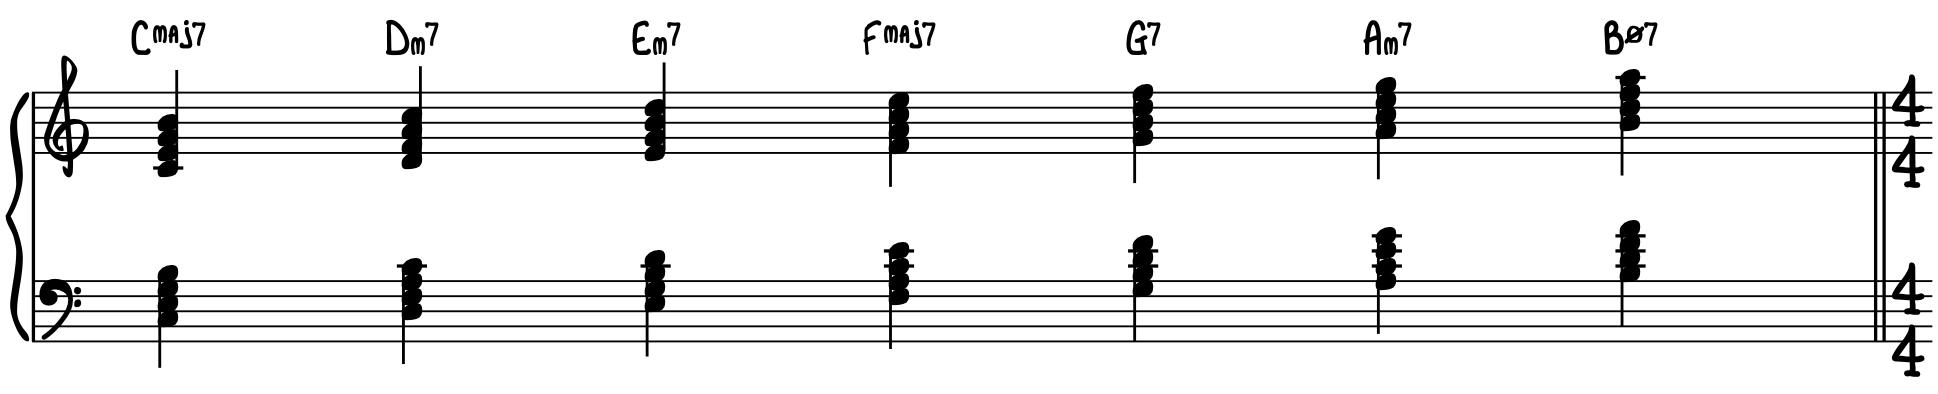 Diatonic 7th Chords in C Major Jazz Piano Harmony